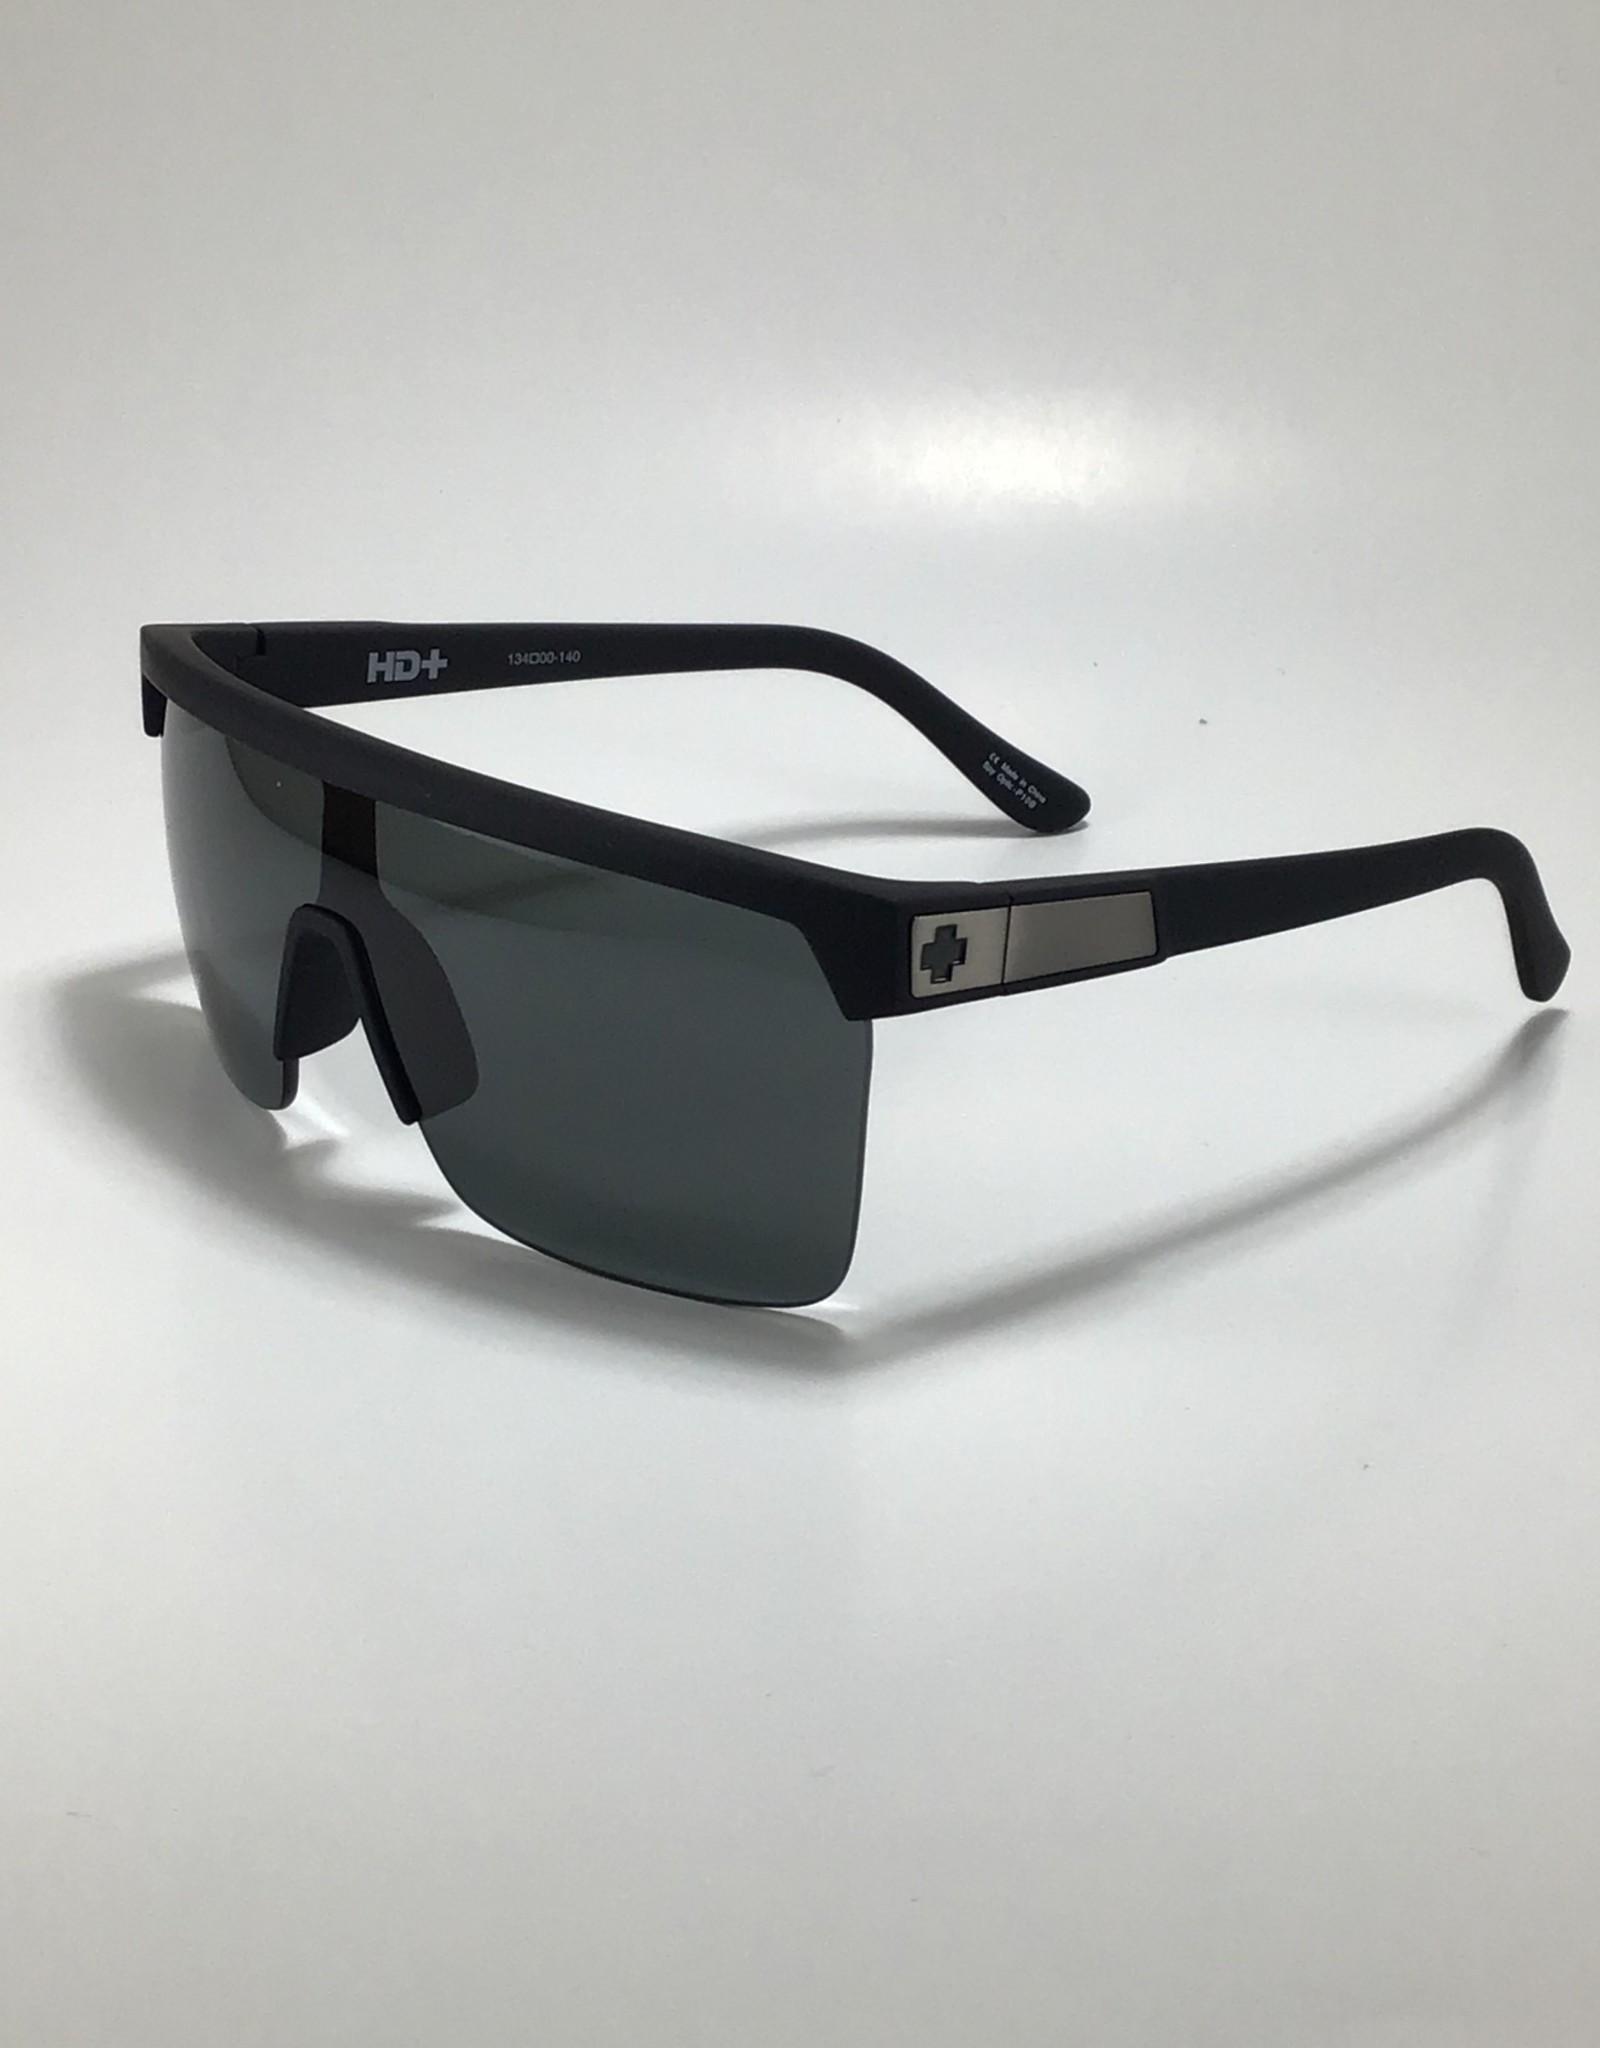 Spy Flynn 5050 Soft Matte Black - HD Plus Gray Green